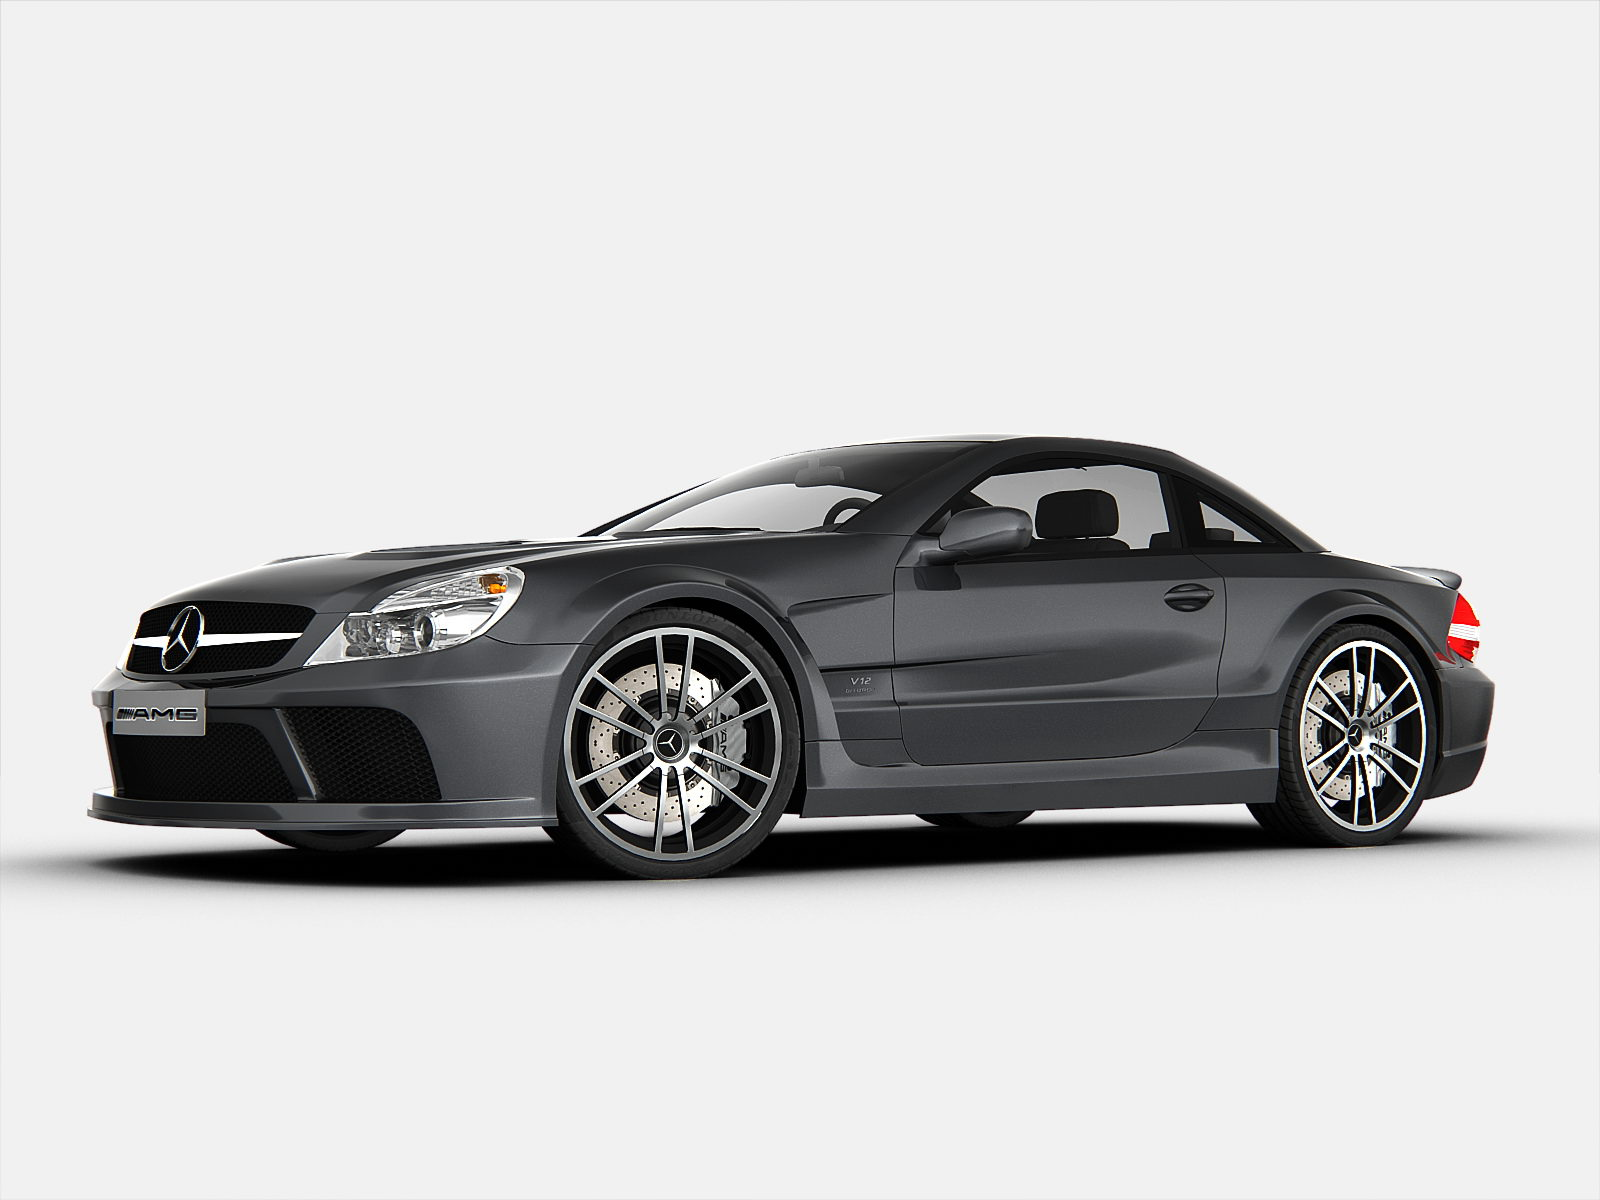 Mercedes benz sl65 amg black series 3d models for Mercedes benz e series amg